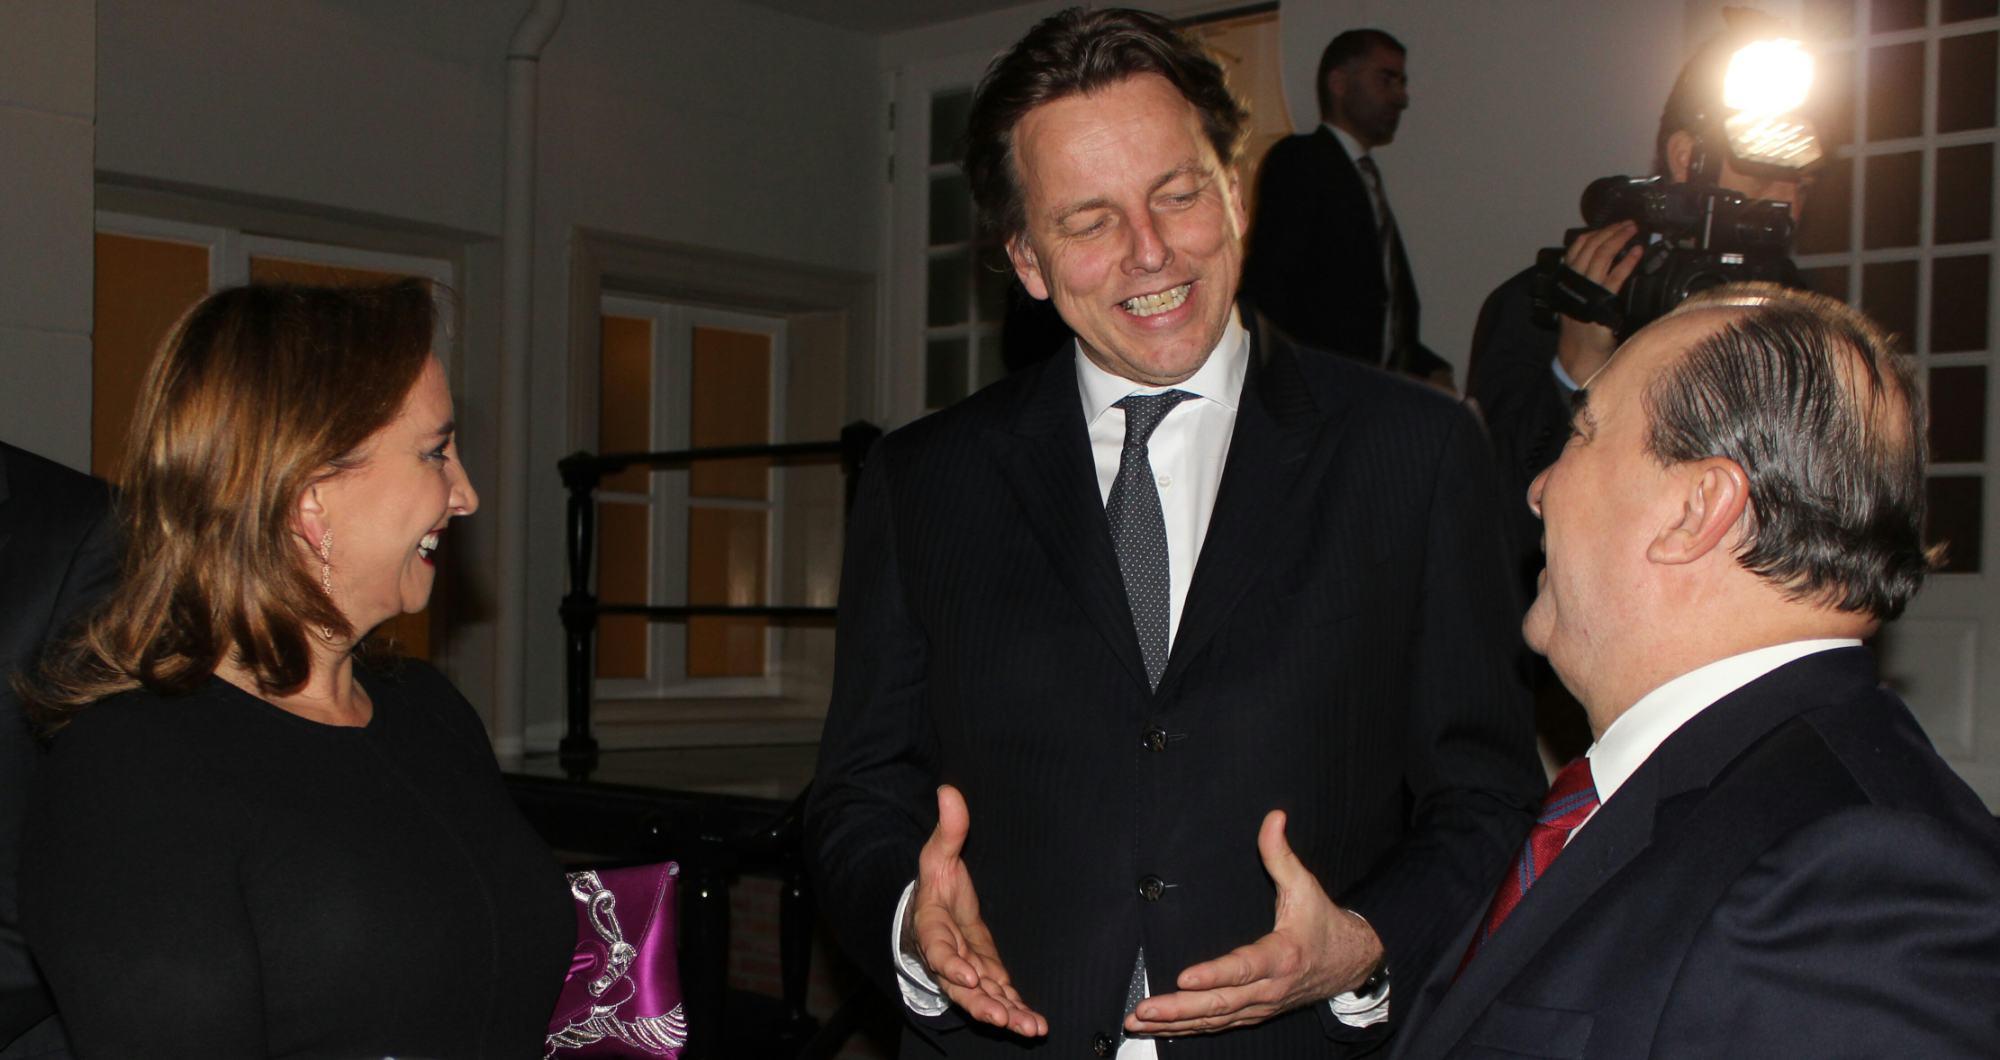 FOTO 3 Canciller  Claudia Ruiz Massieu con el Ministro de Exteriores de Pa ses Bajos  Bert Koenders  y el Embajador Eduardo Ibarrolajpg